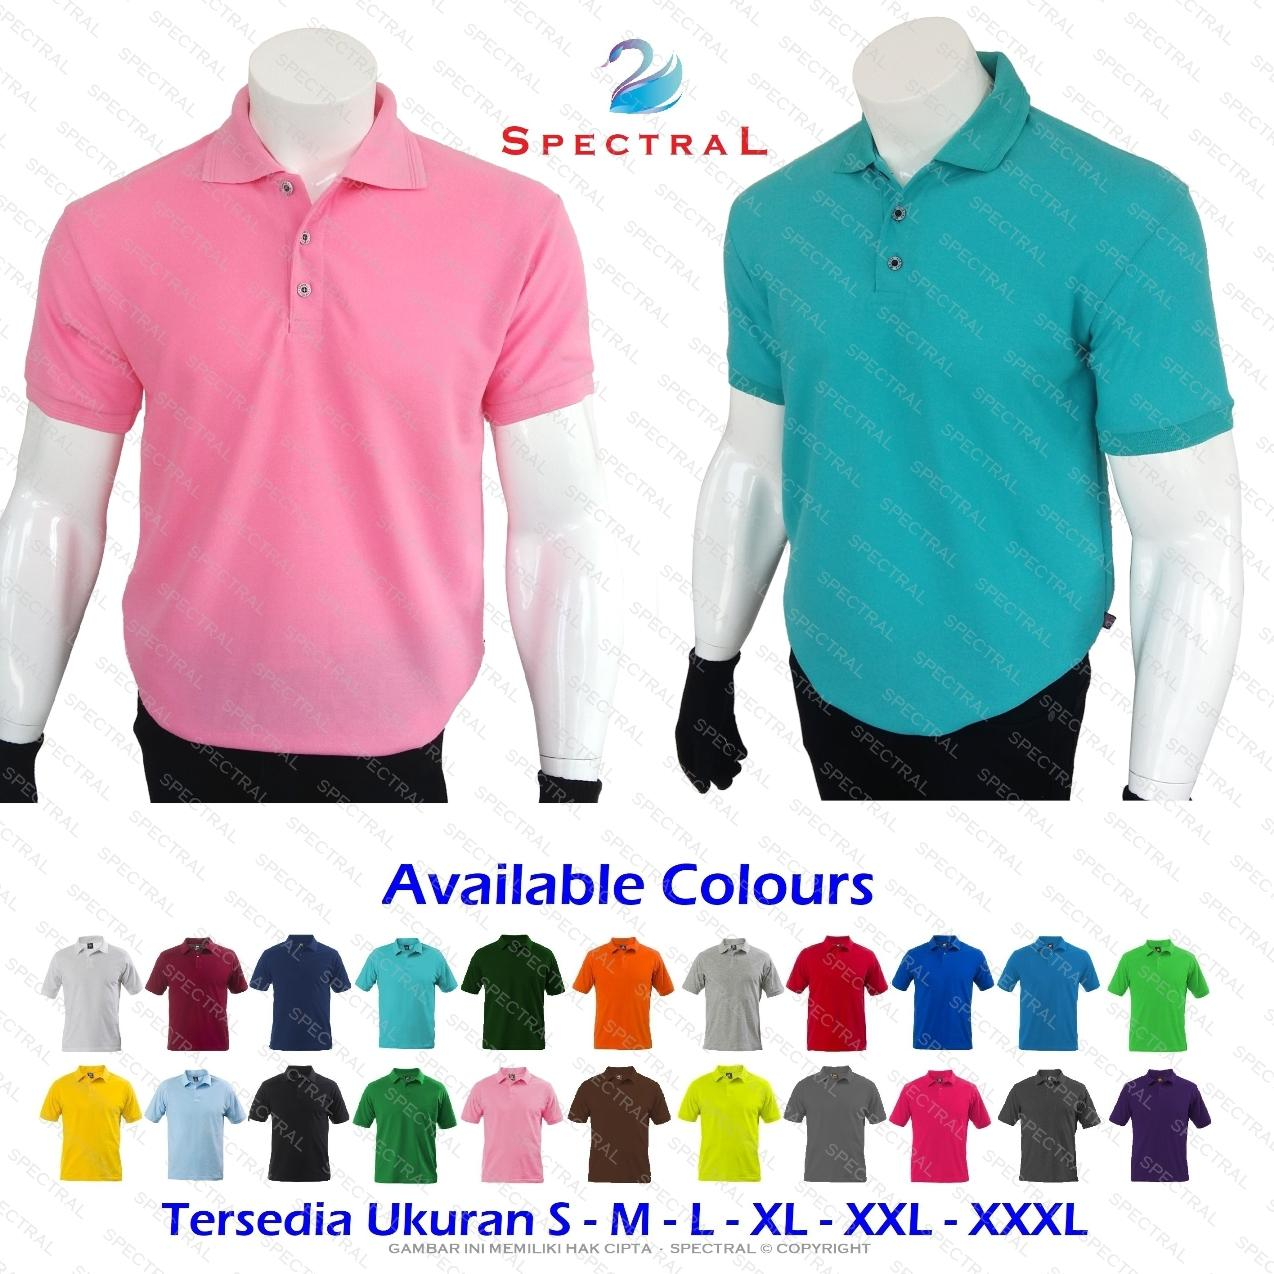 HARGA PROMO ☆ SpectraL ☆ Premium Polo Shirt ☆ Continues Stock ☆ 22 Pilihan  Warna Konsisten 4234e7412a